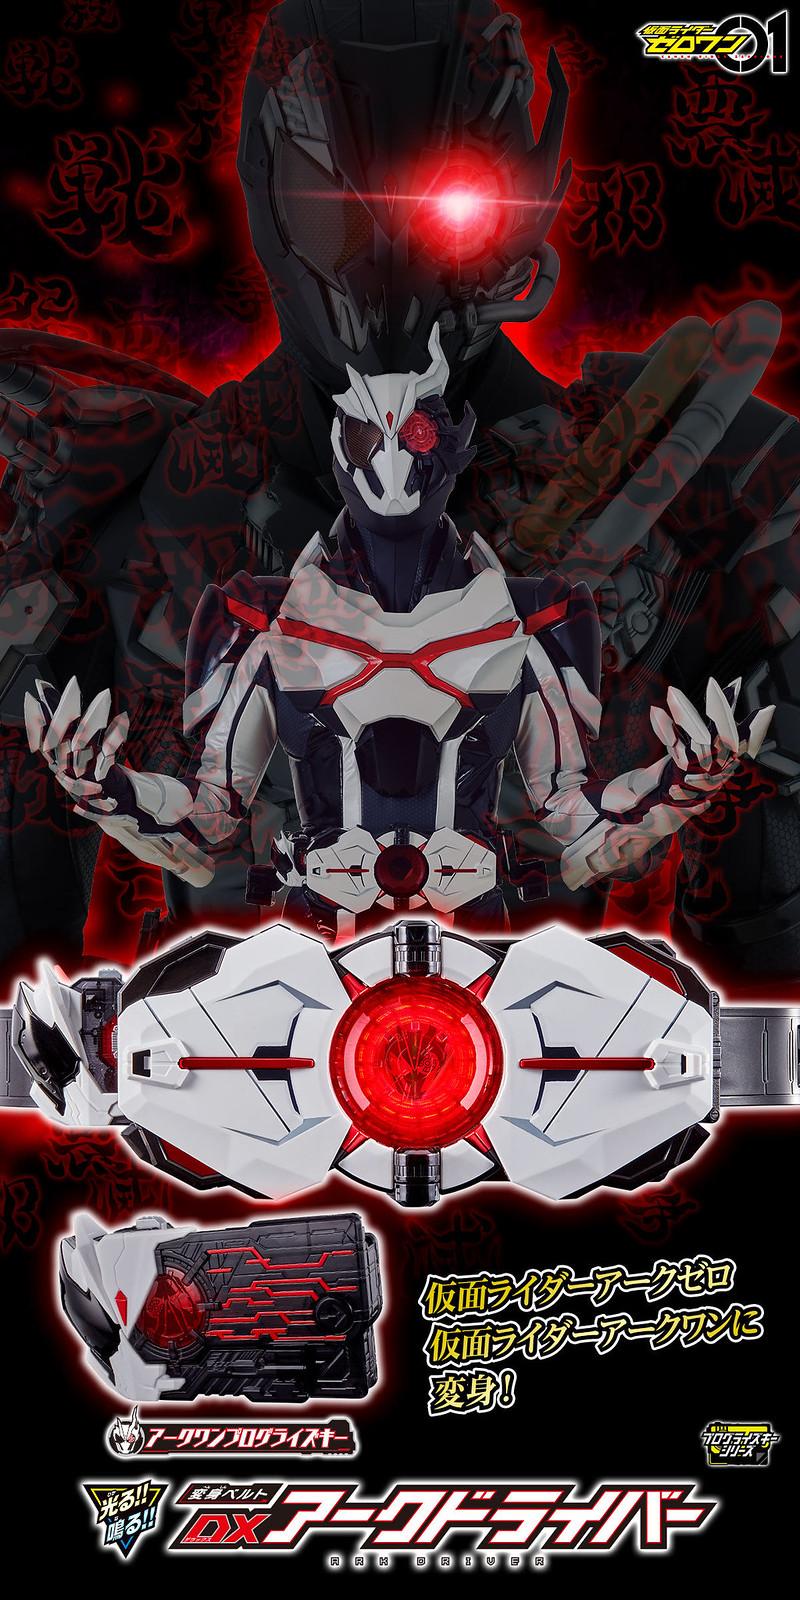 《假面騎士01》變身腰帶「DX ARK DRIVER」 惡役騎士腰帶登場!